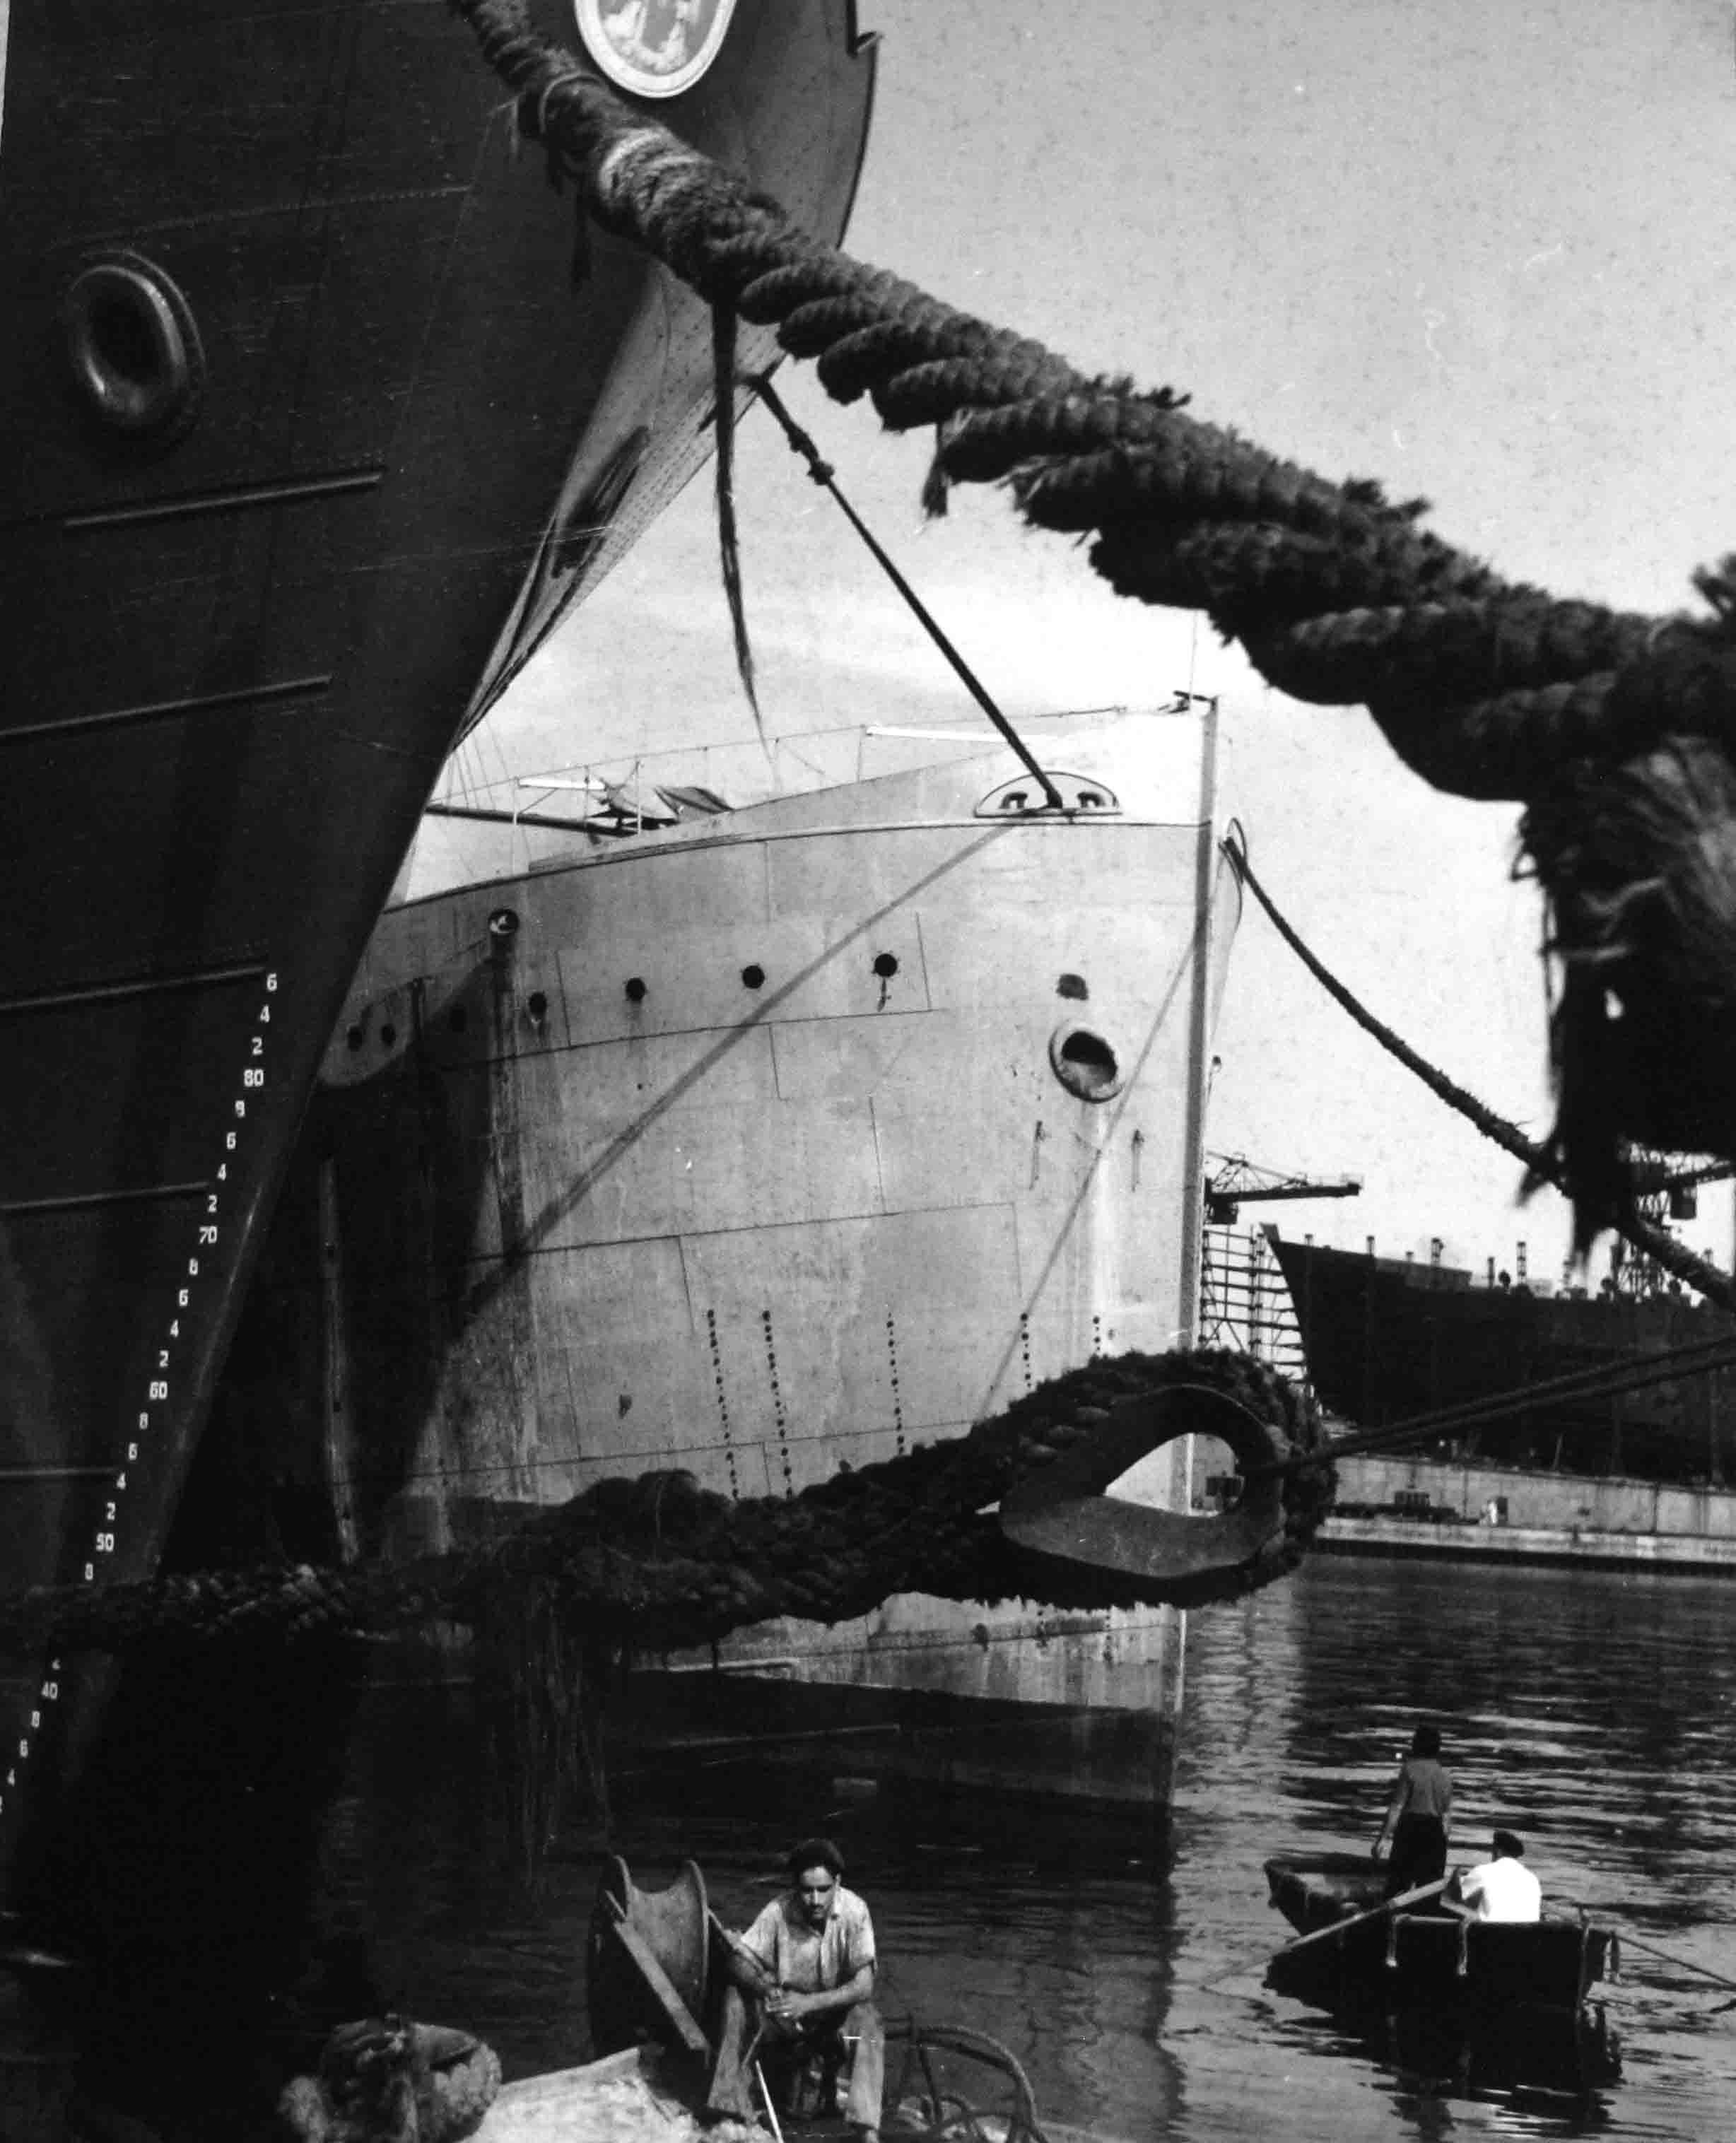 Escena puerto. Burdeos, 1942<br/>Gelatina de plata / Silver gelatin print